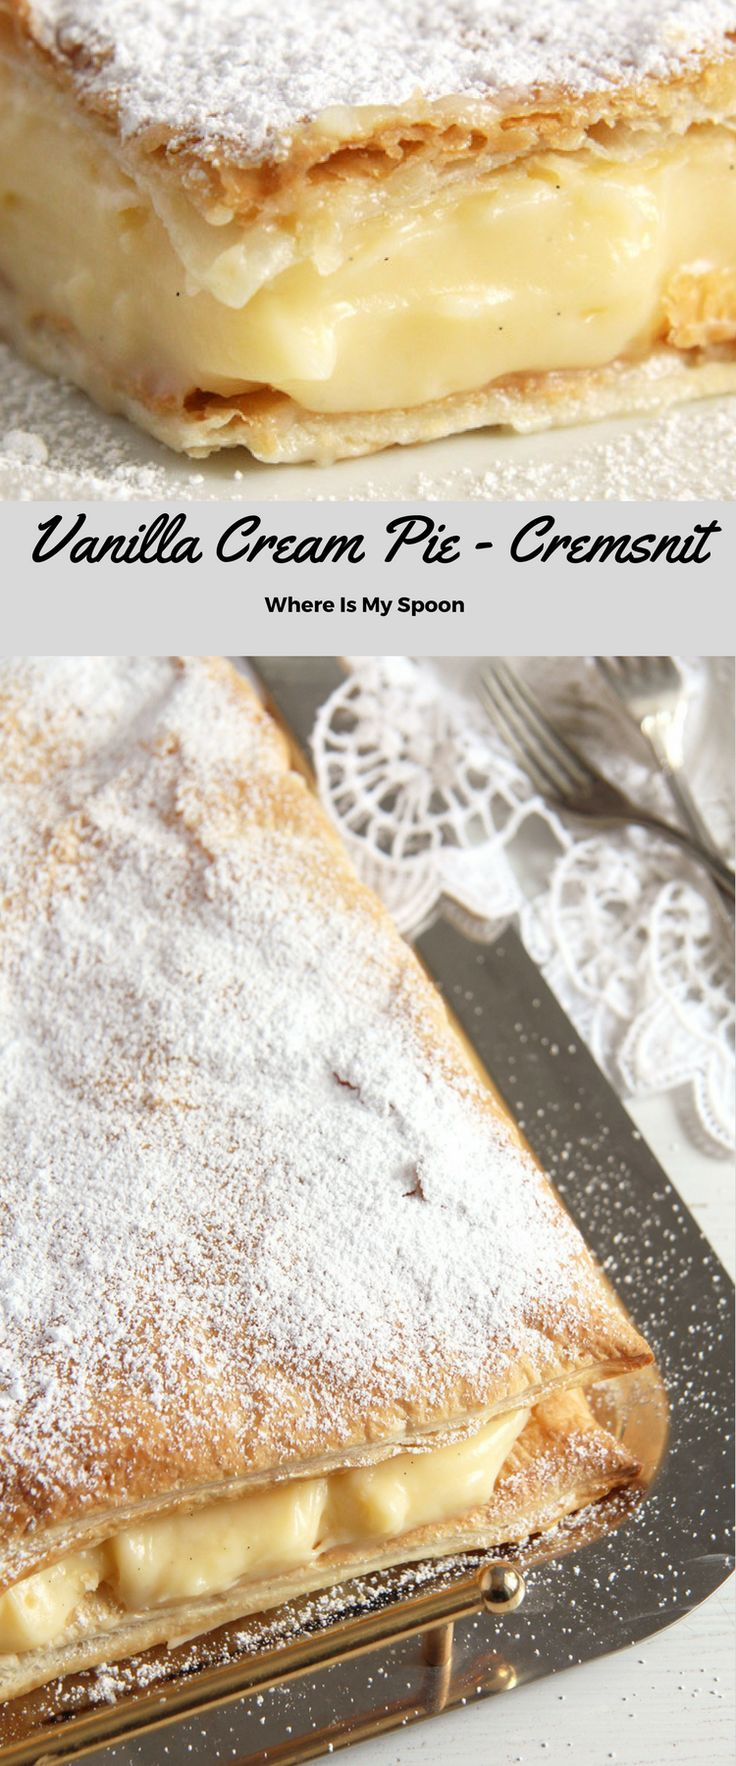 Vanilla Cream Pie Cremsnit Vanilla Cream Pie – Romanian Cremsnit